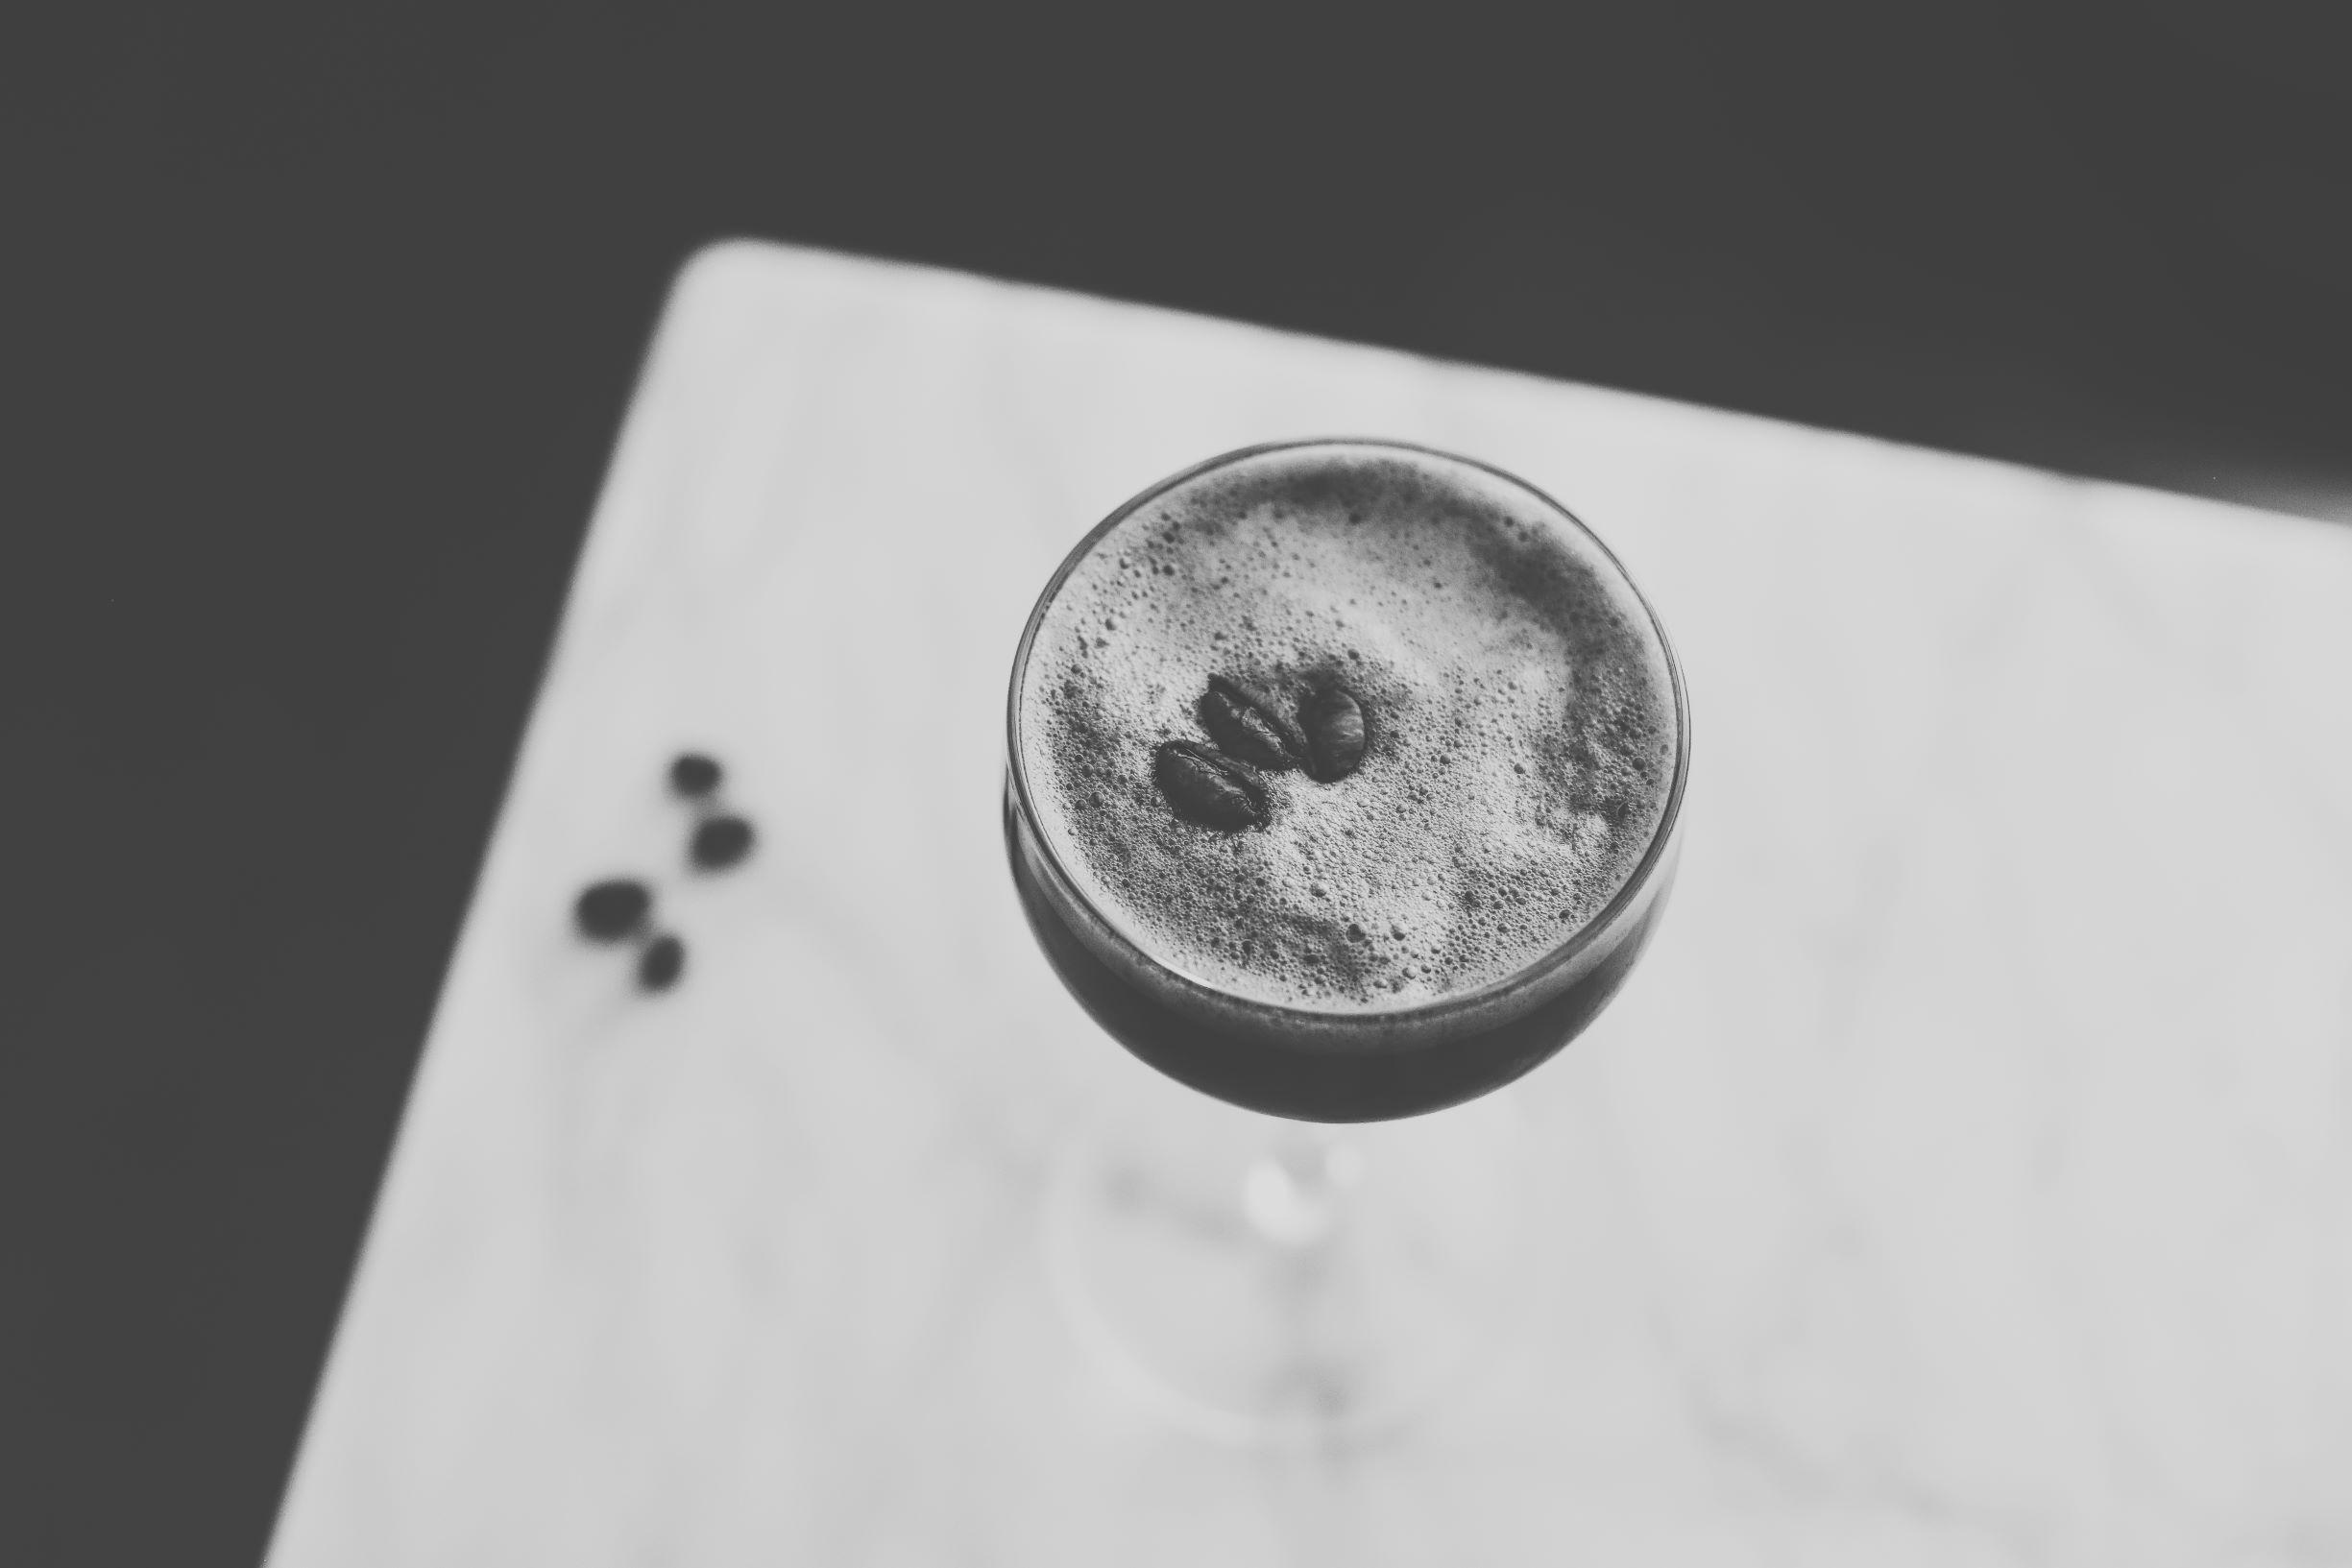 LeClair Organics coffee roaster, liberica coffee, amaro nonio quintessentia espresso martini 6